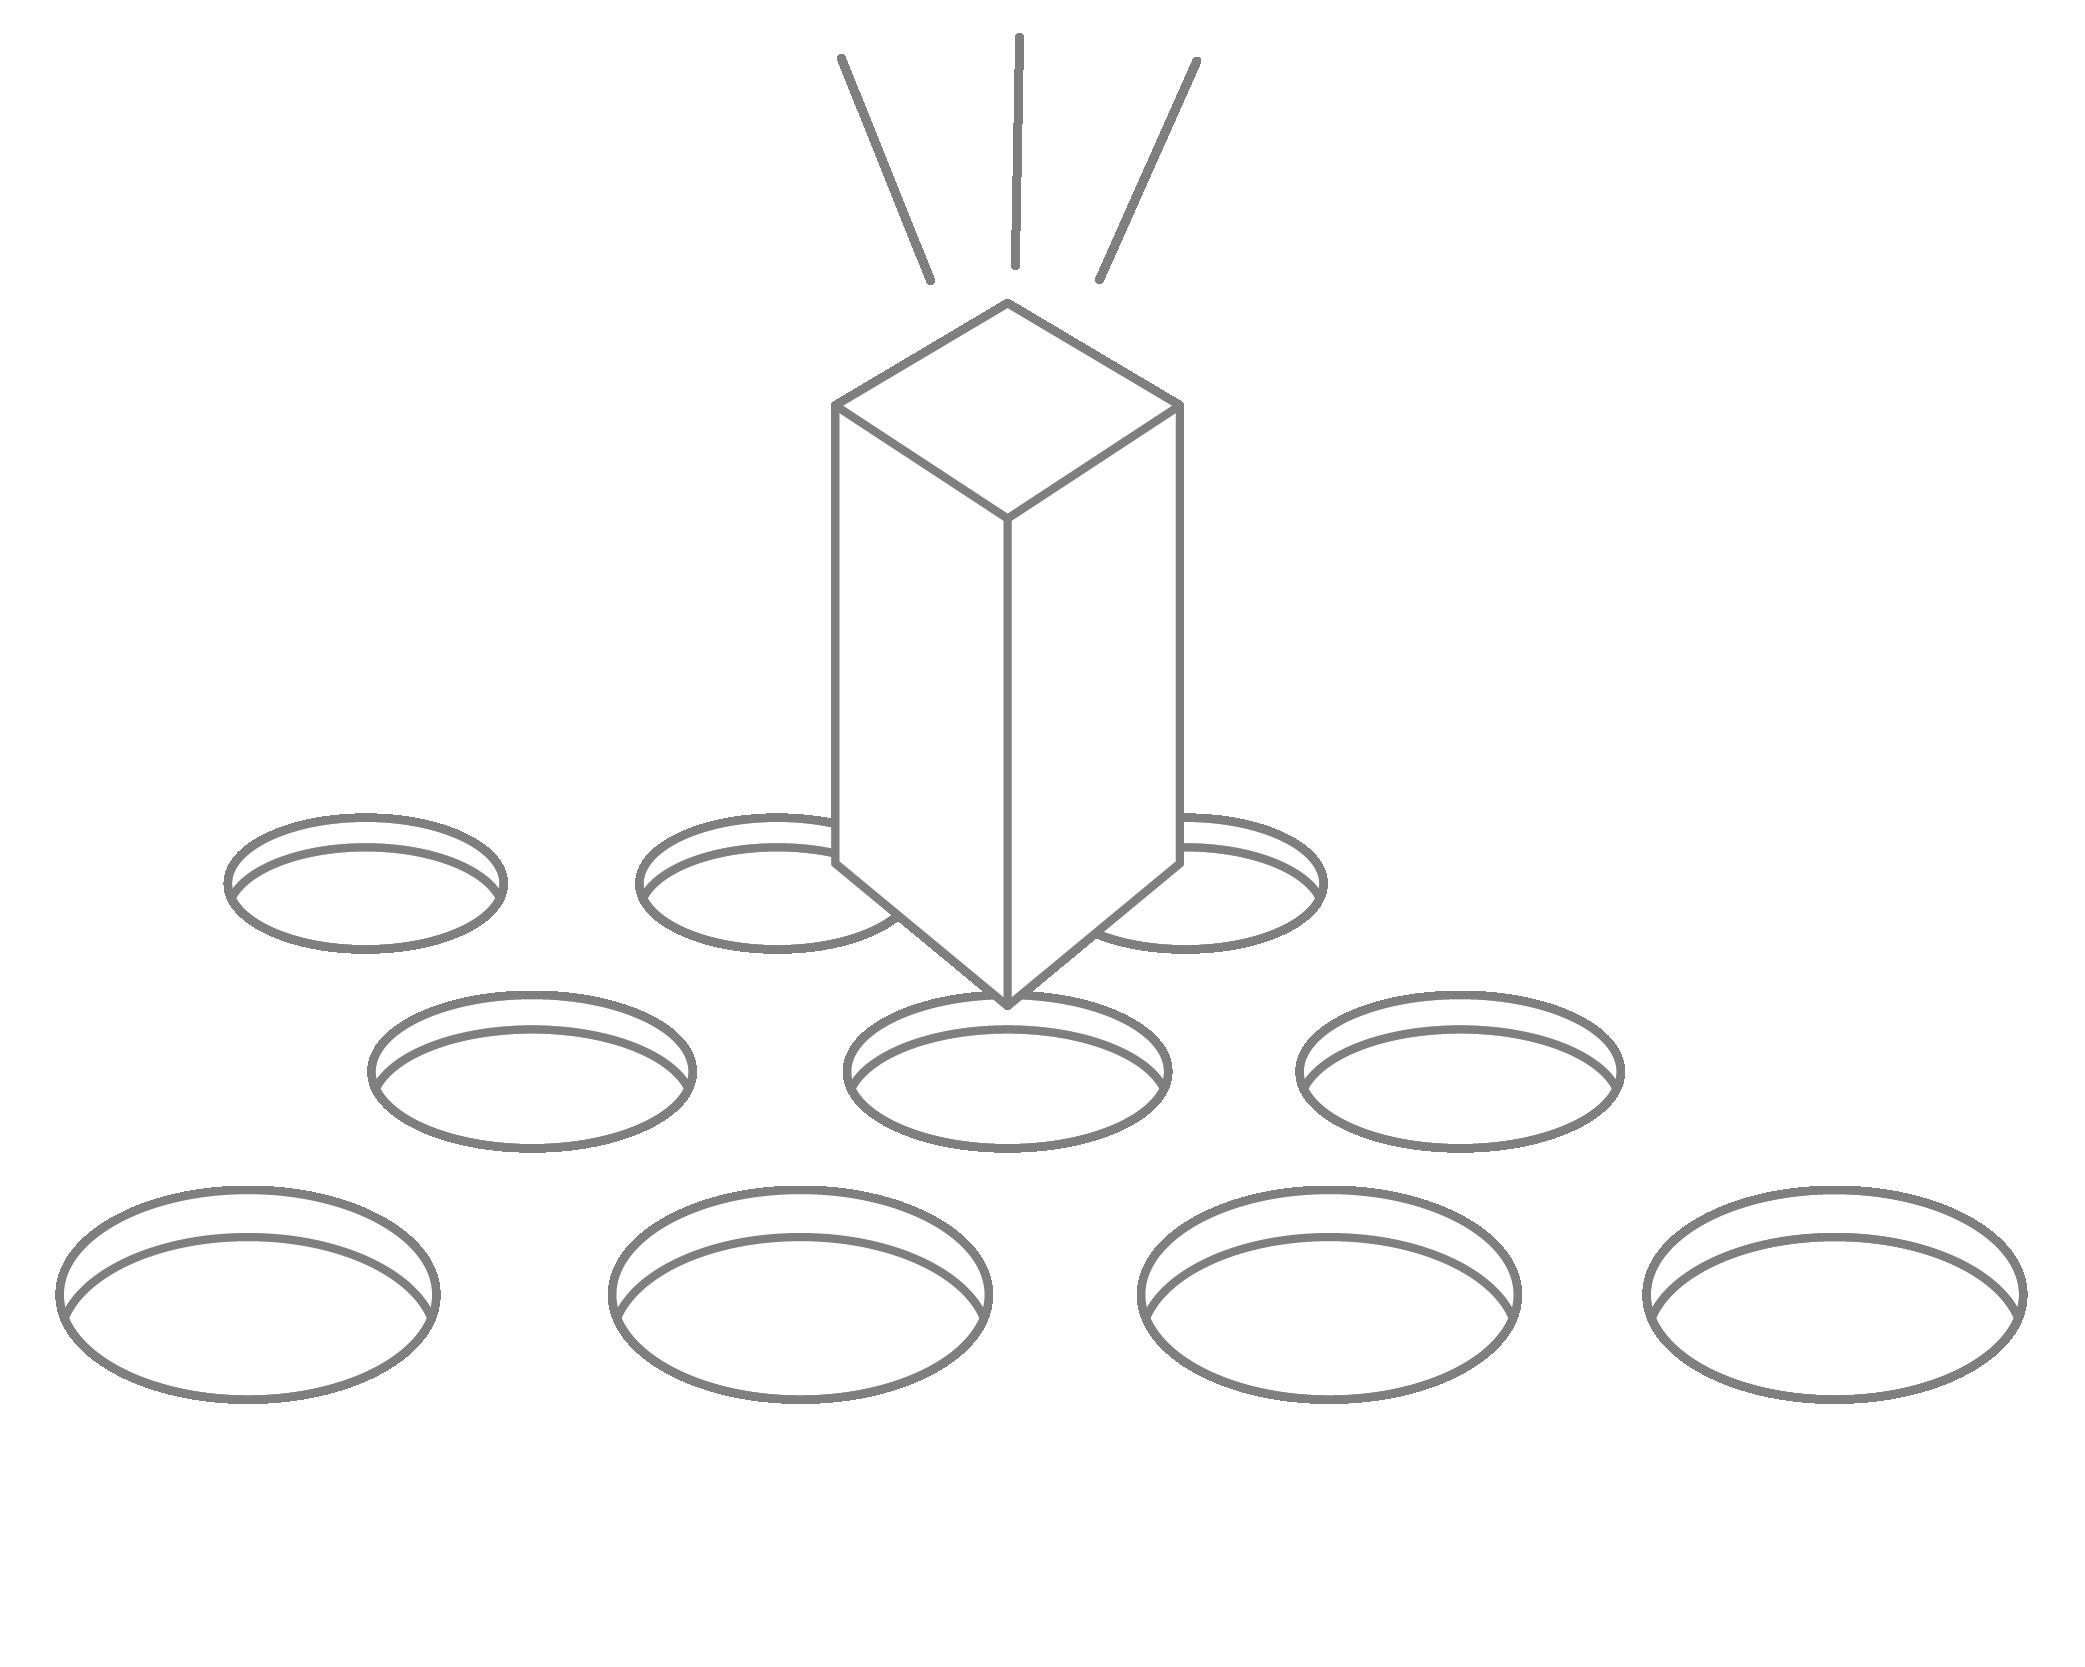 Circular holes with a rectangular shape above